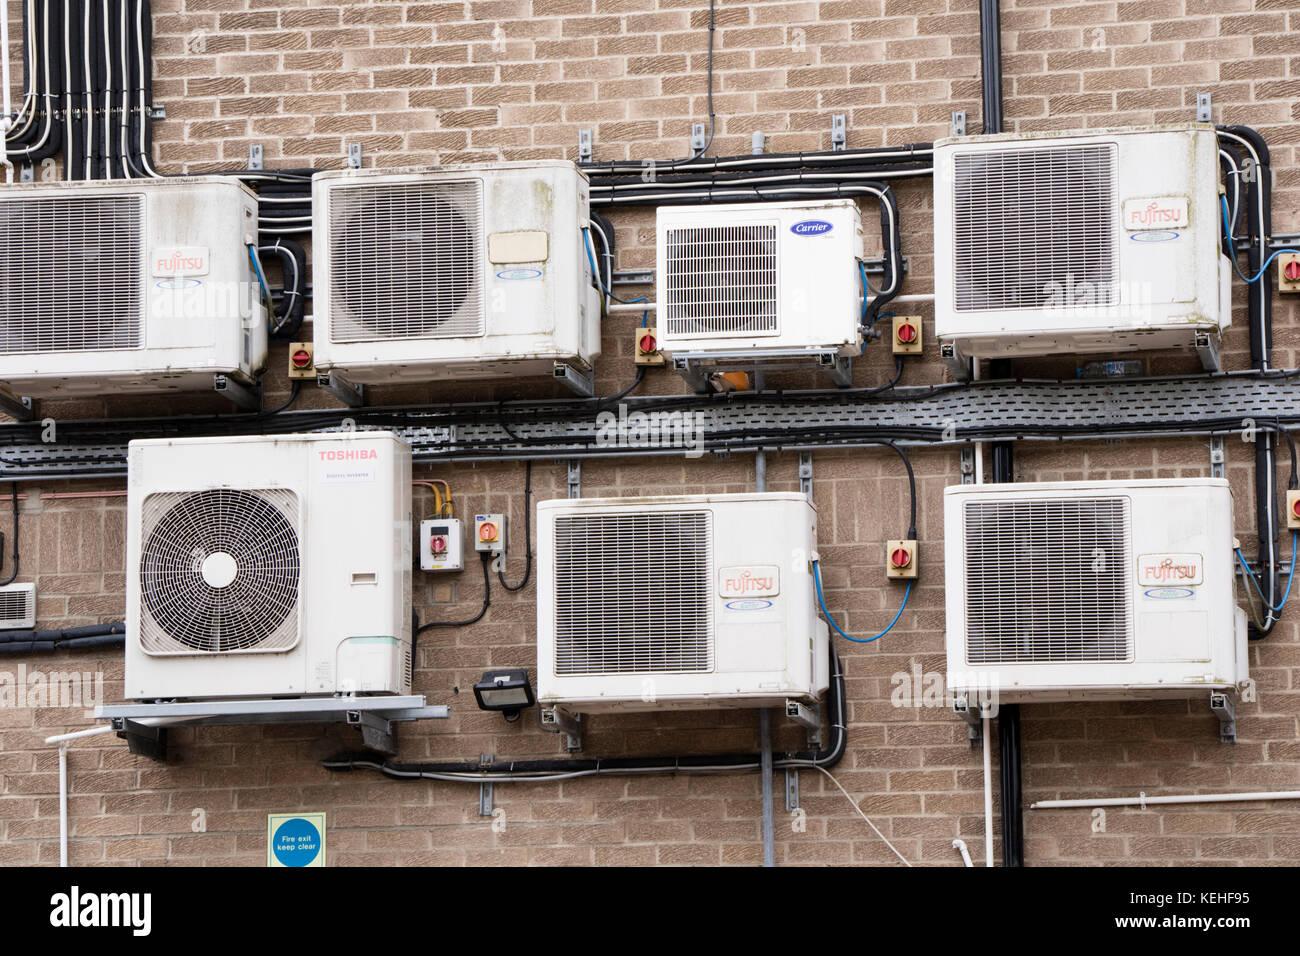 Sistemi di aria condizionata. Immagini Stock